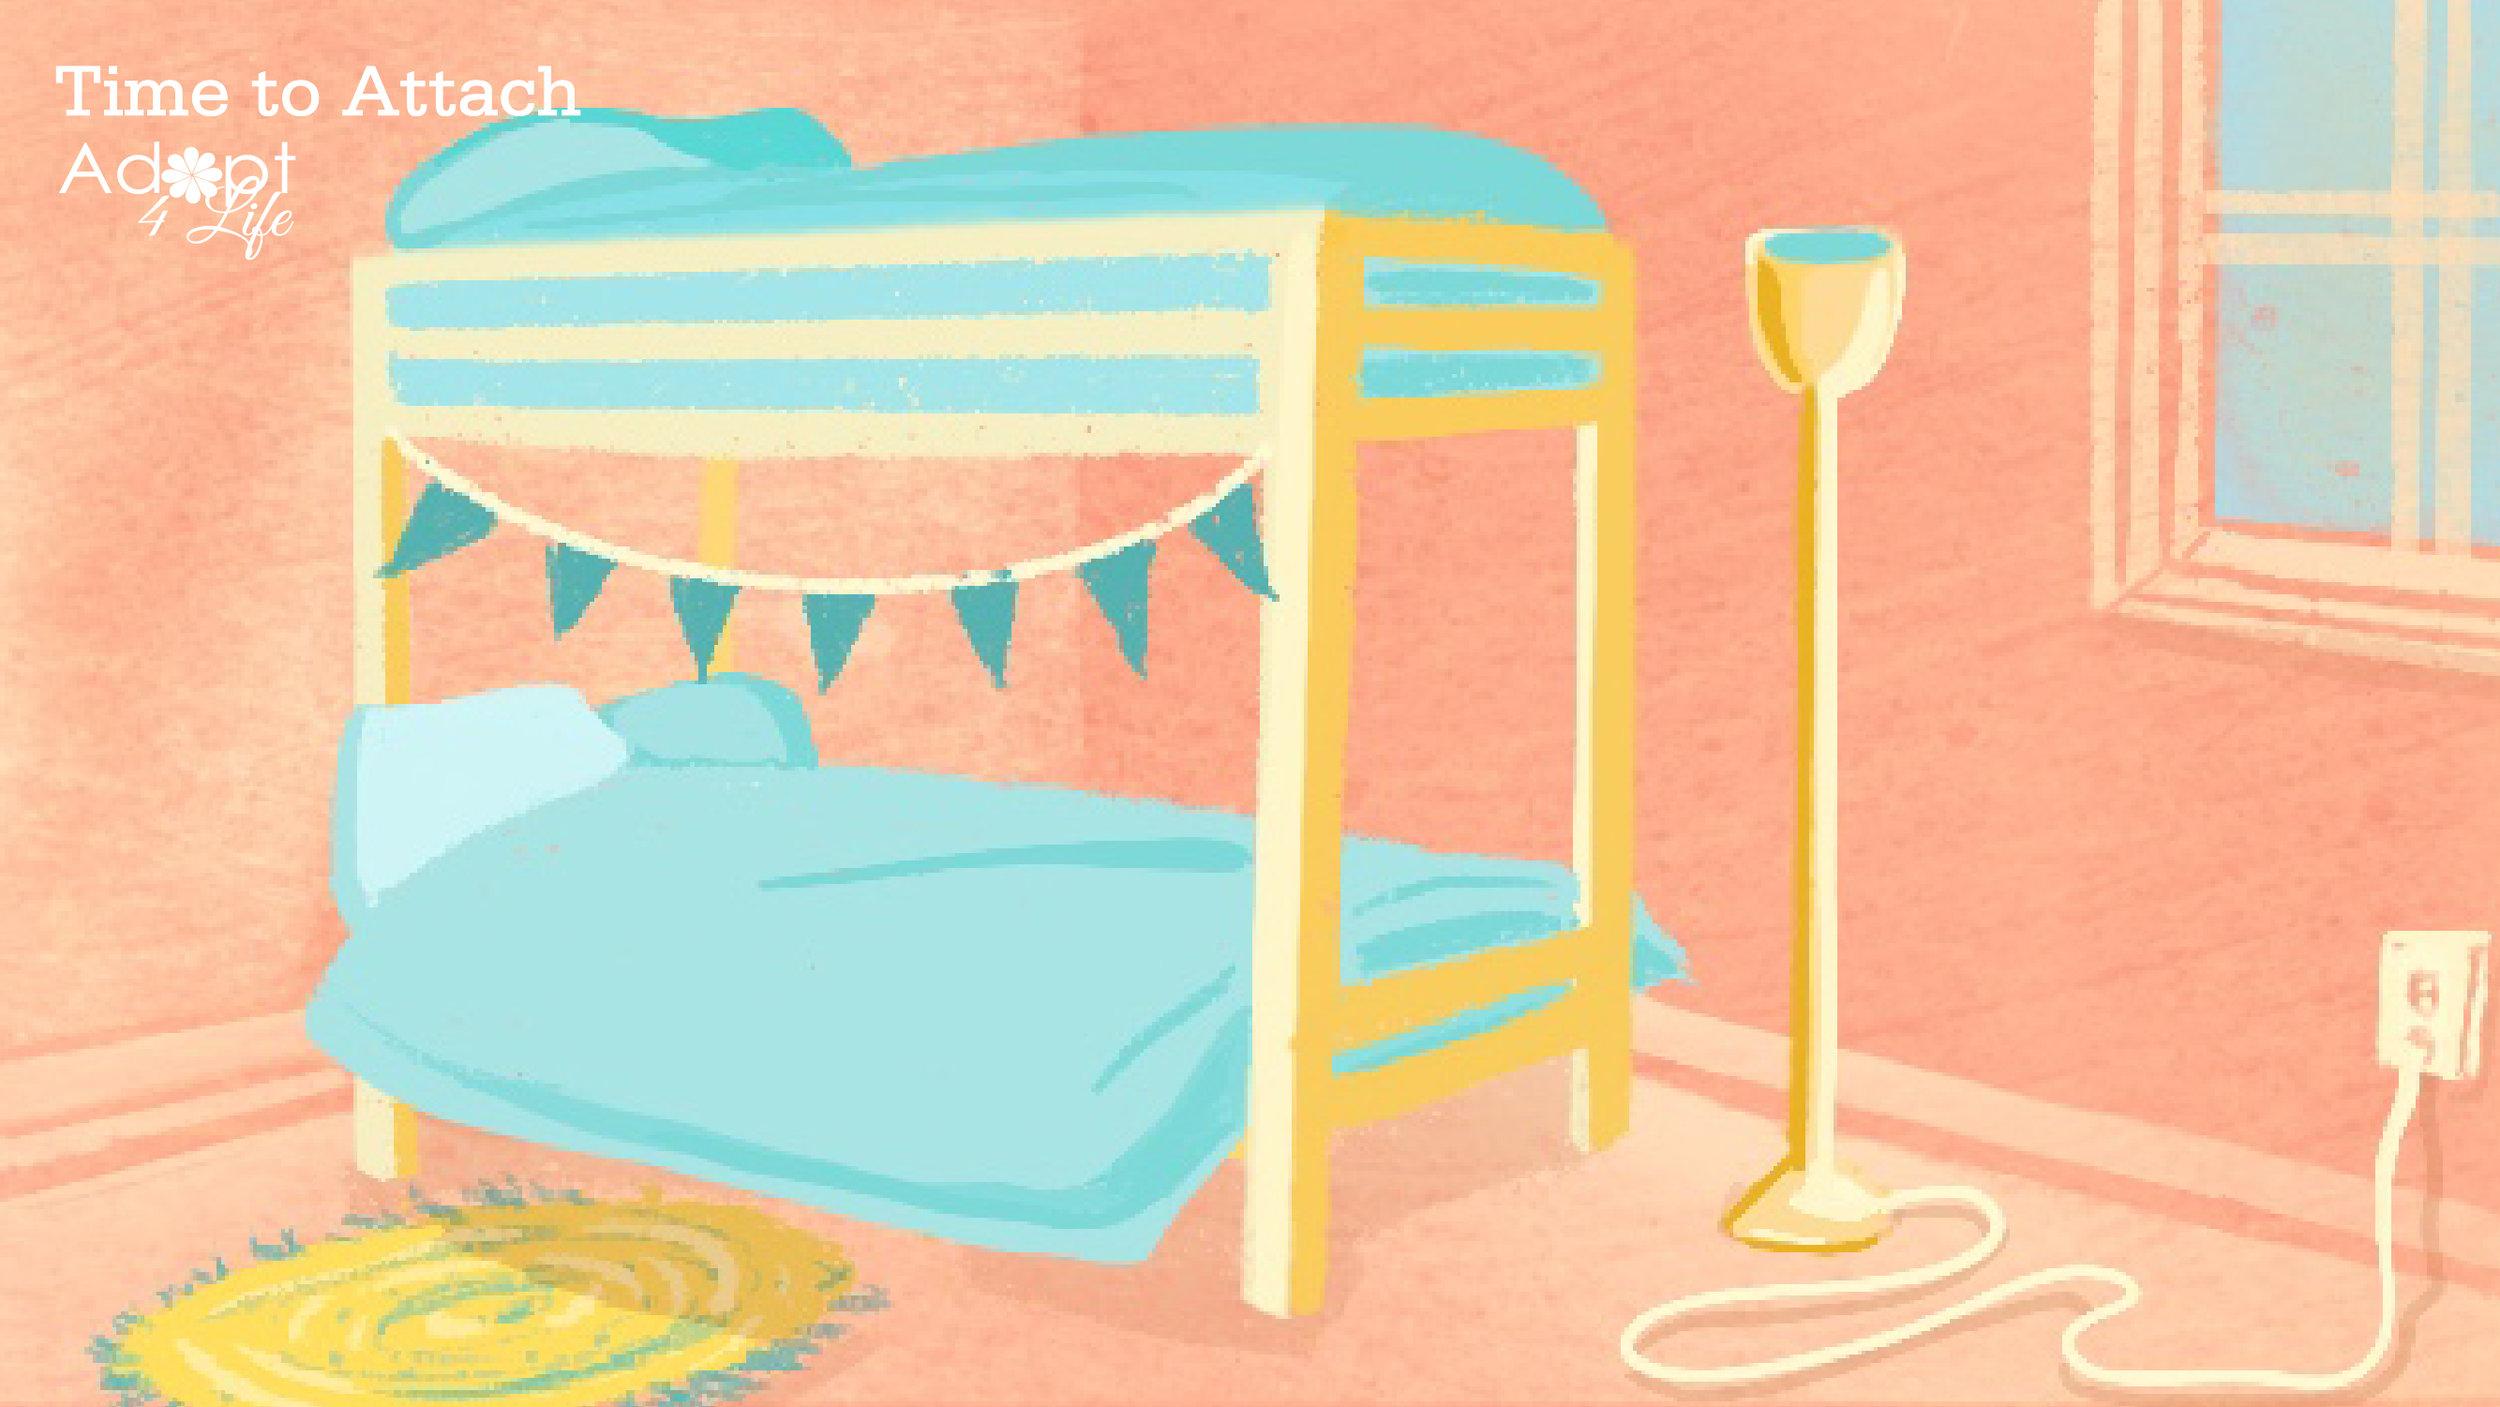 TTA_a4l_022019_bedroom.jpg